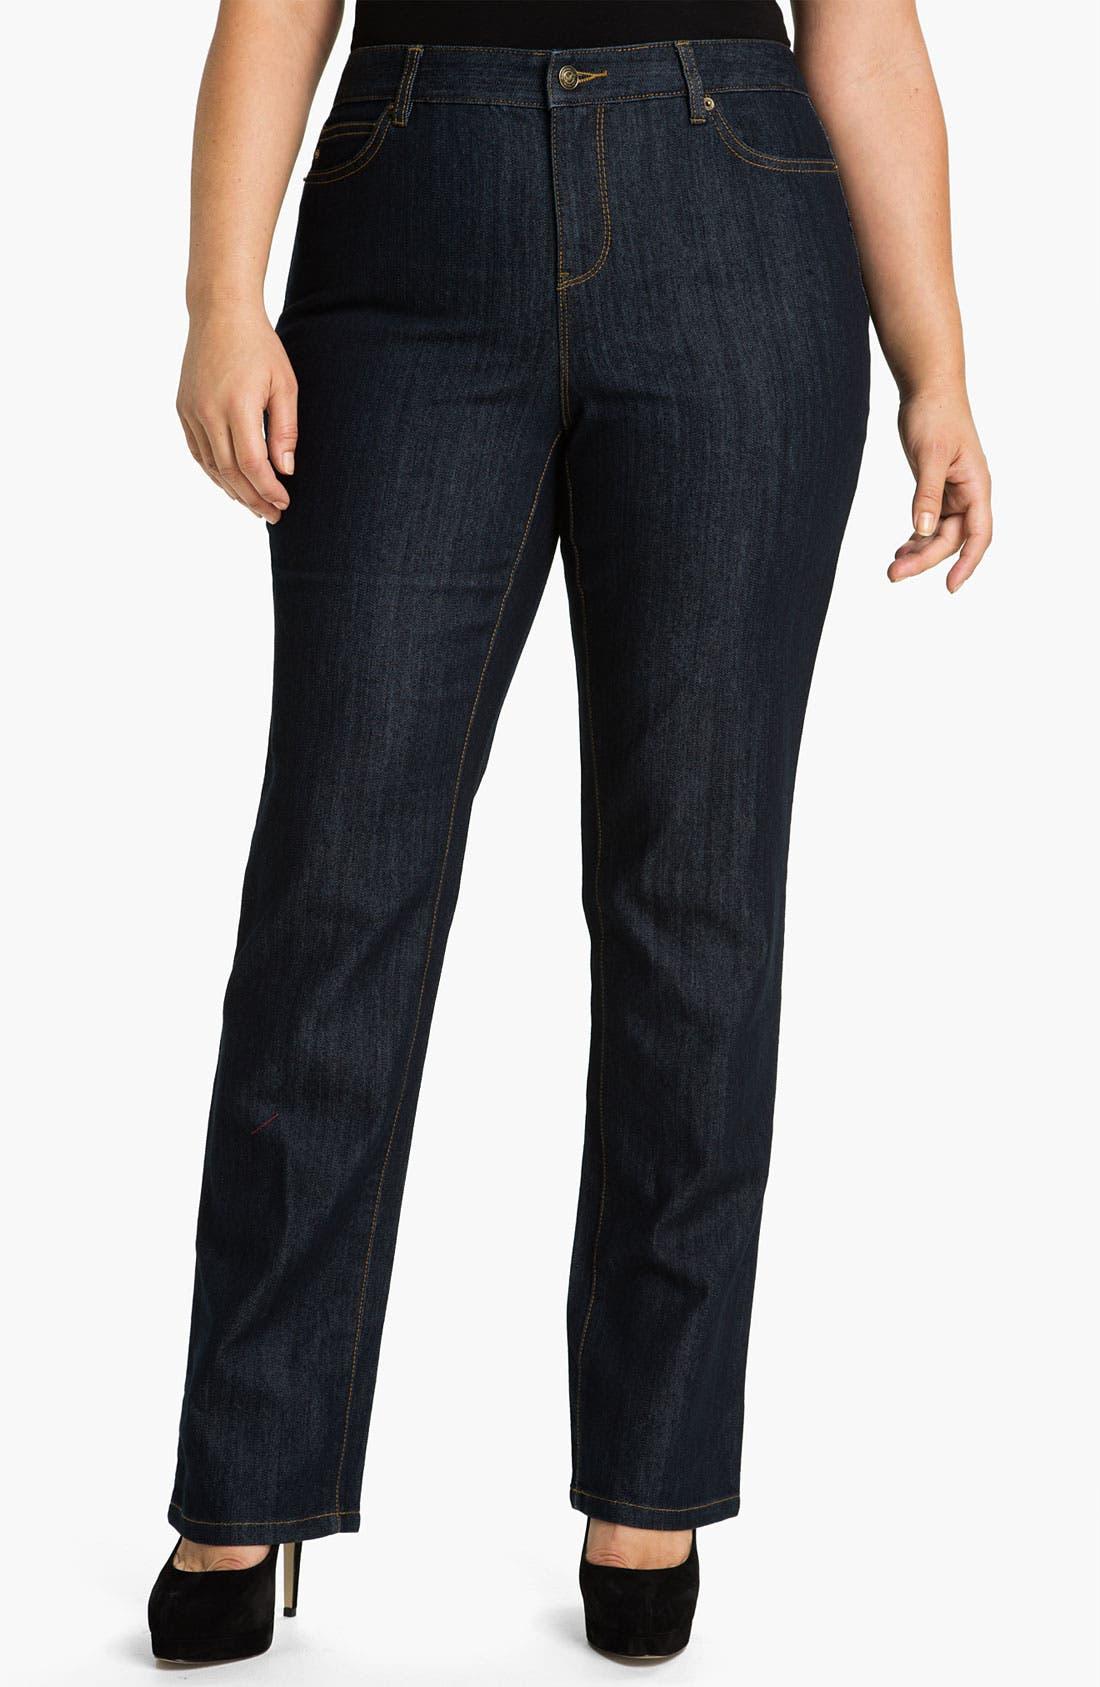 Alternate Image 1 Selected - MICHAEL Michael Kors Dark Wash Skinny Jeans (Plus)